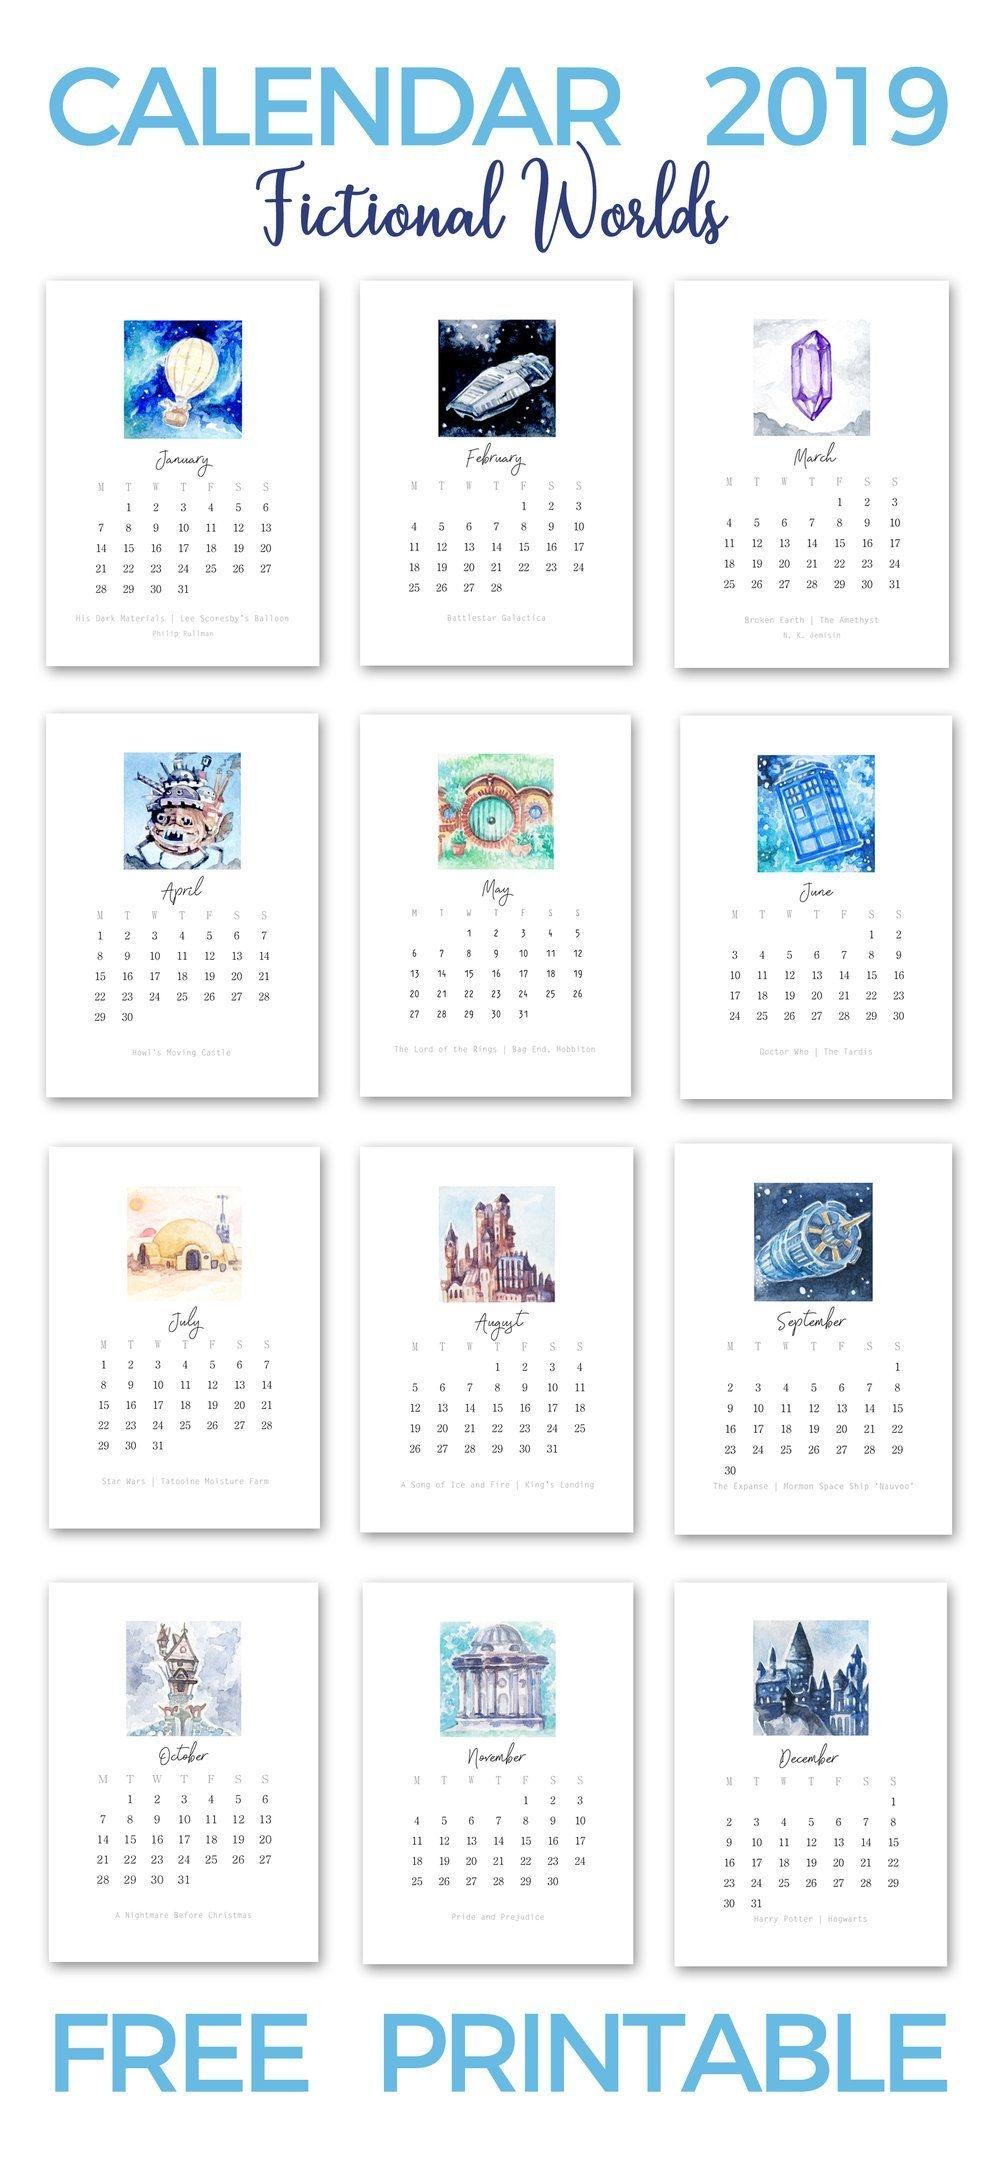 Calendar Free Printable 2019 | Desk Calendar Free